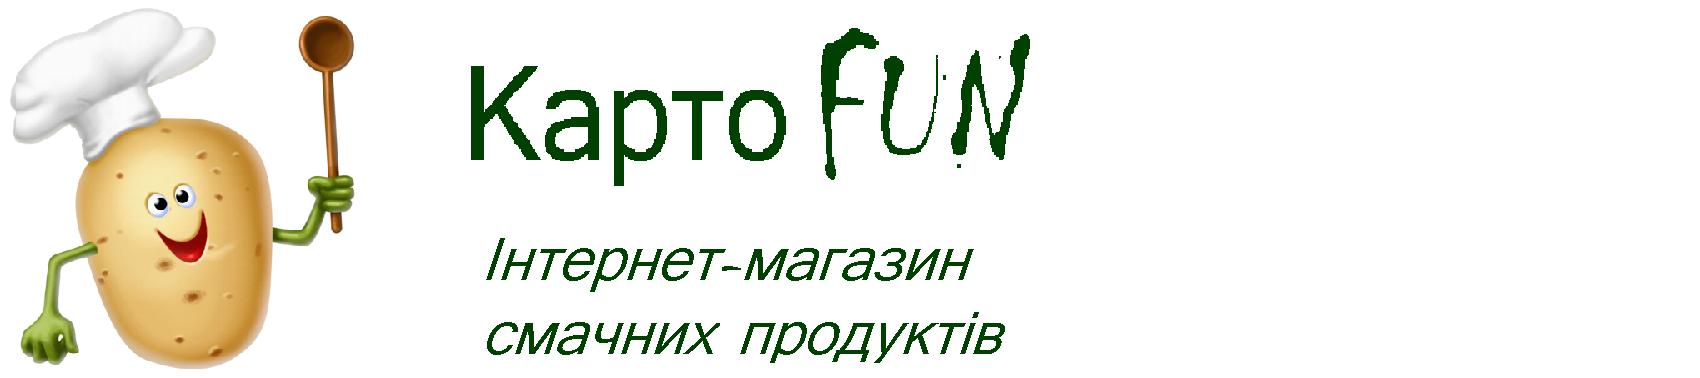 KartoFUN